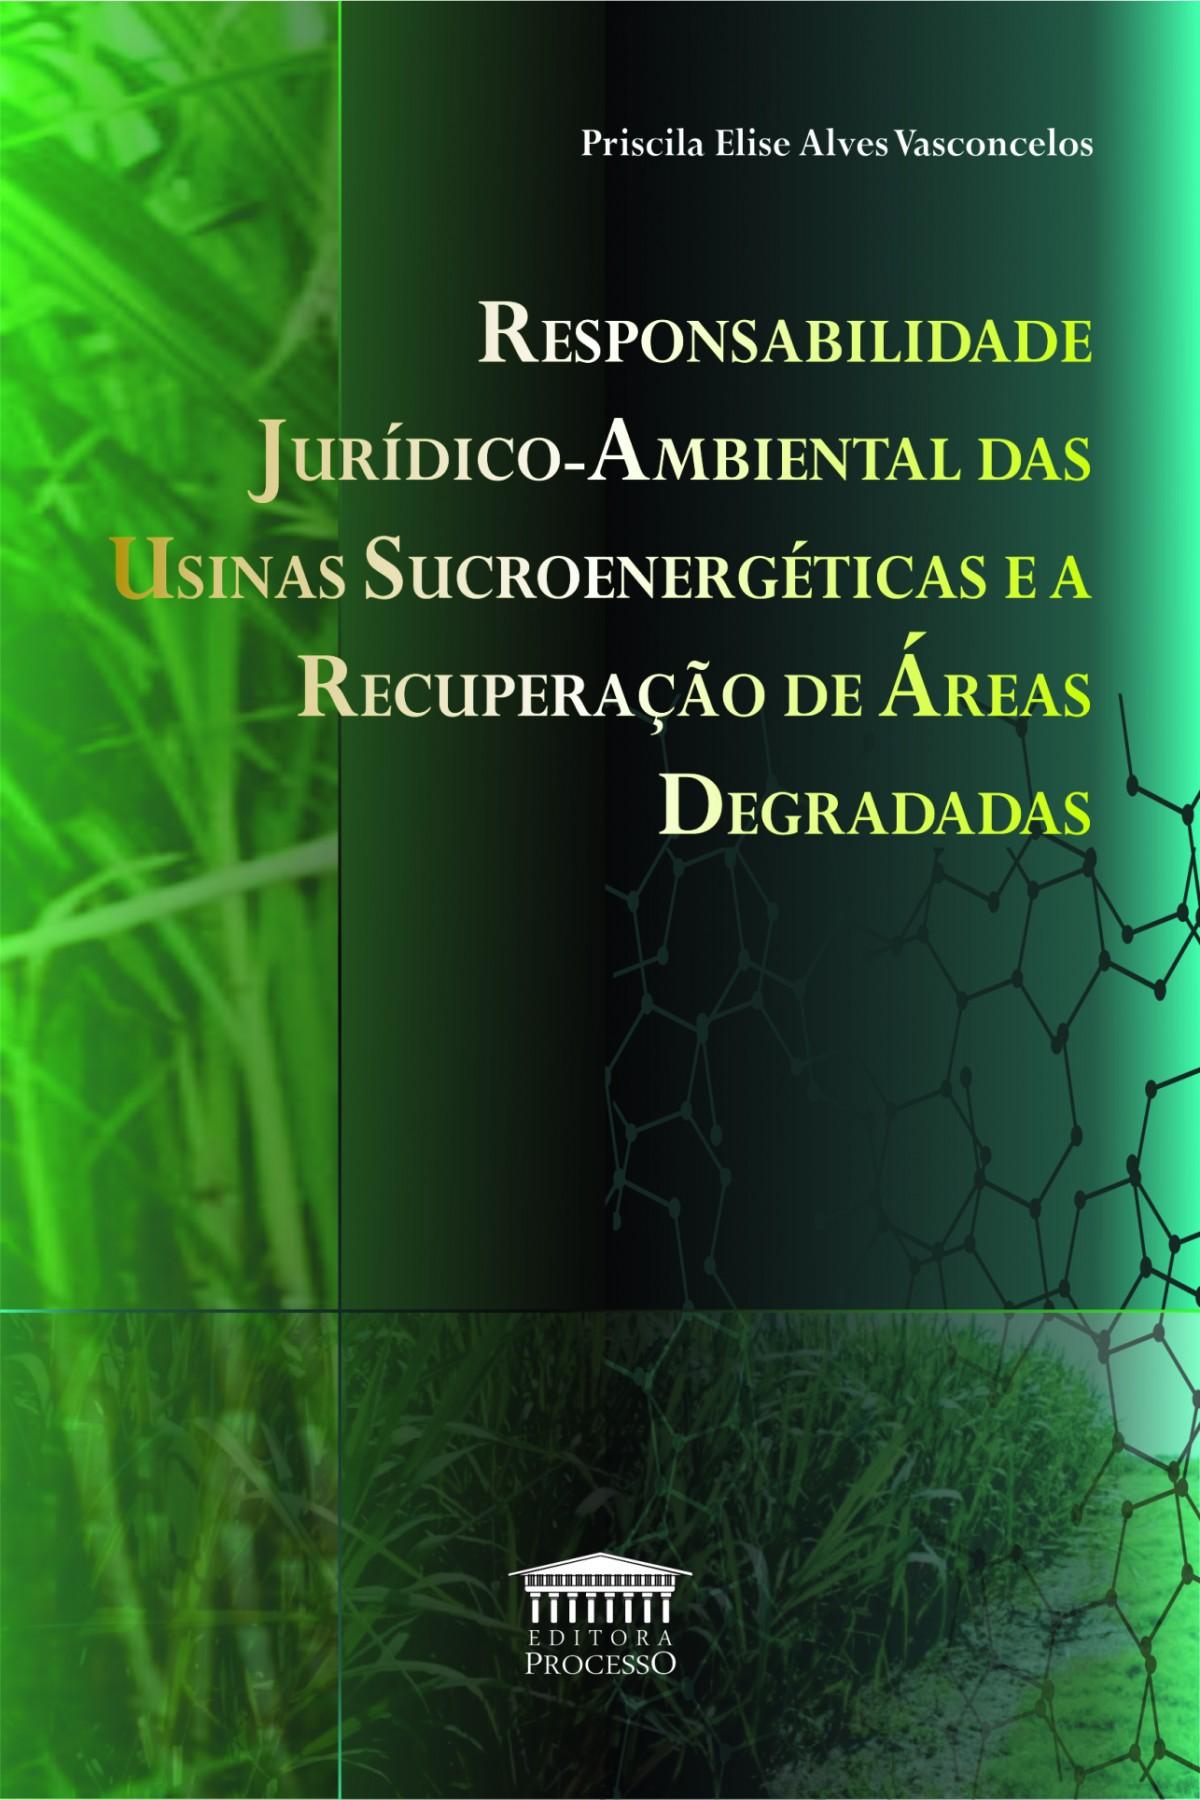 Foto 1 - Responsabilidade Jurídico-Ambiental das Usinas Sucroenergéticas e a Recuperação de Áreas Degradas